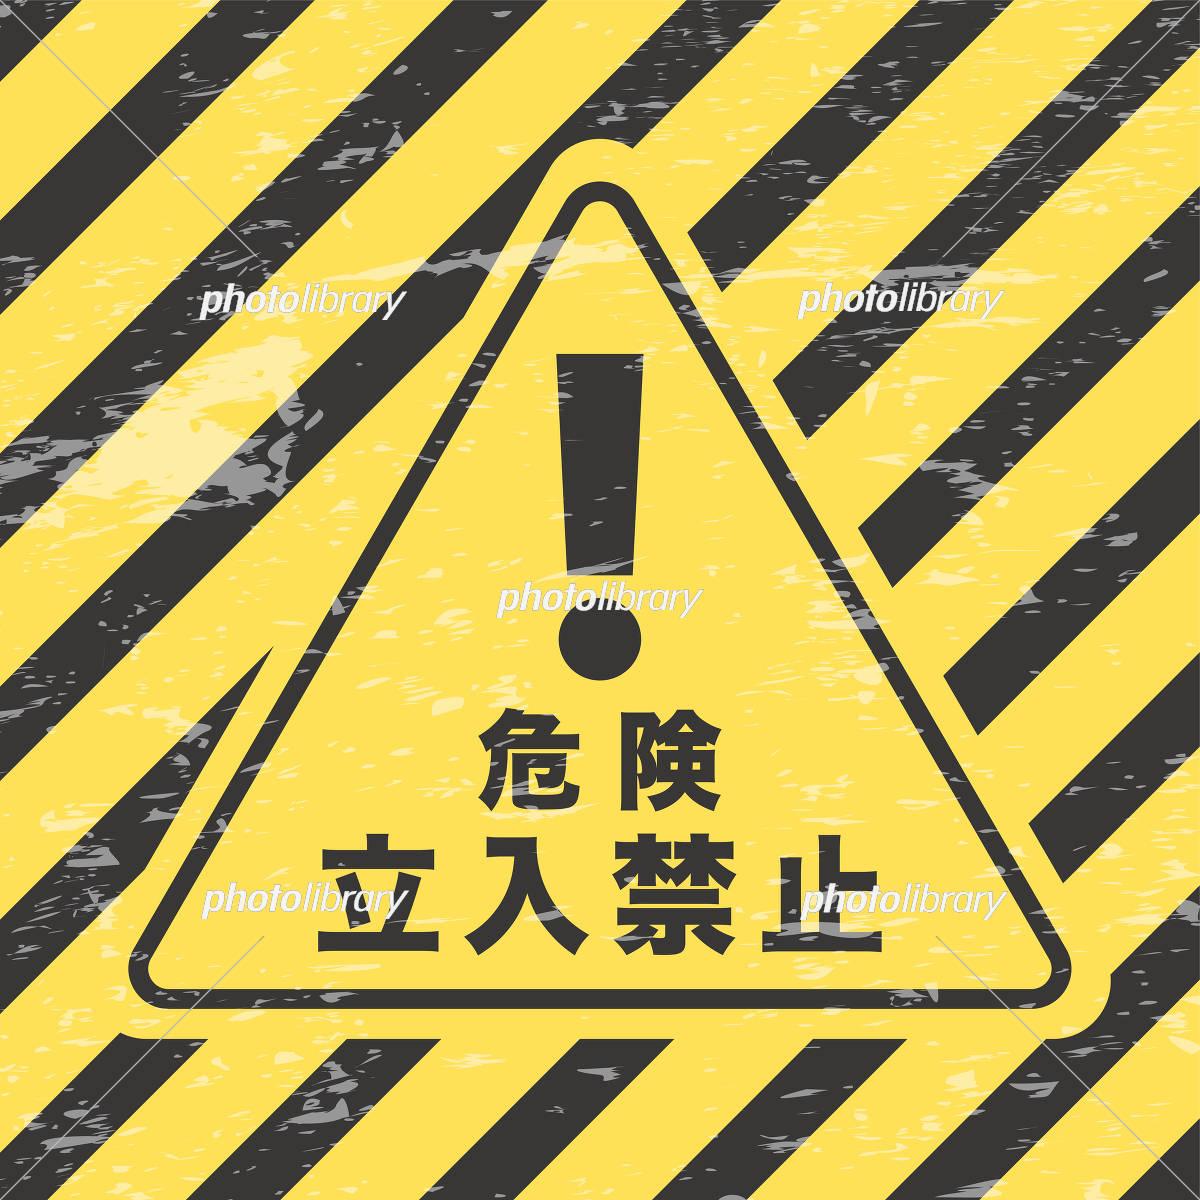 危険 立入禁止 サイン イラスト素材 [ 5551975 ] - フォトライブラリー ...